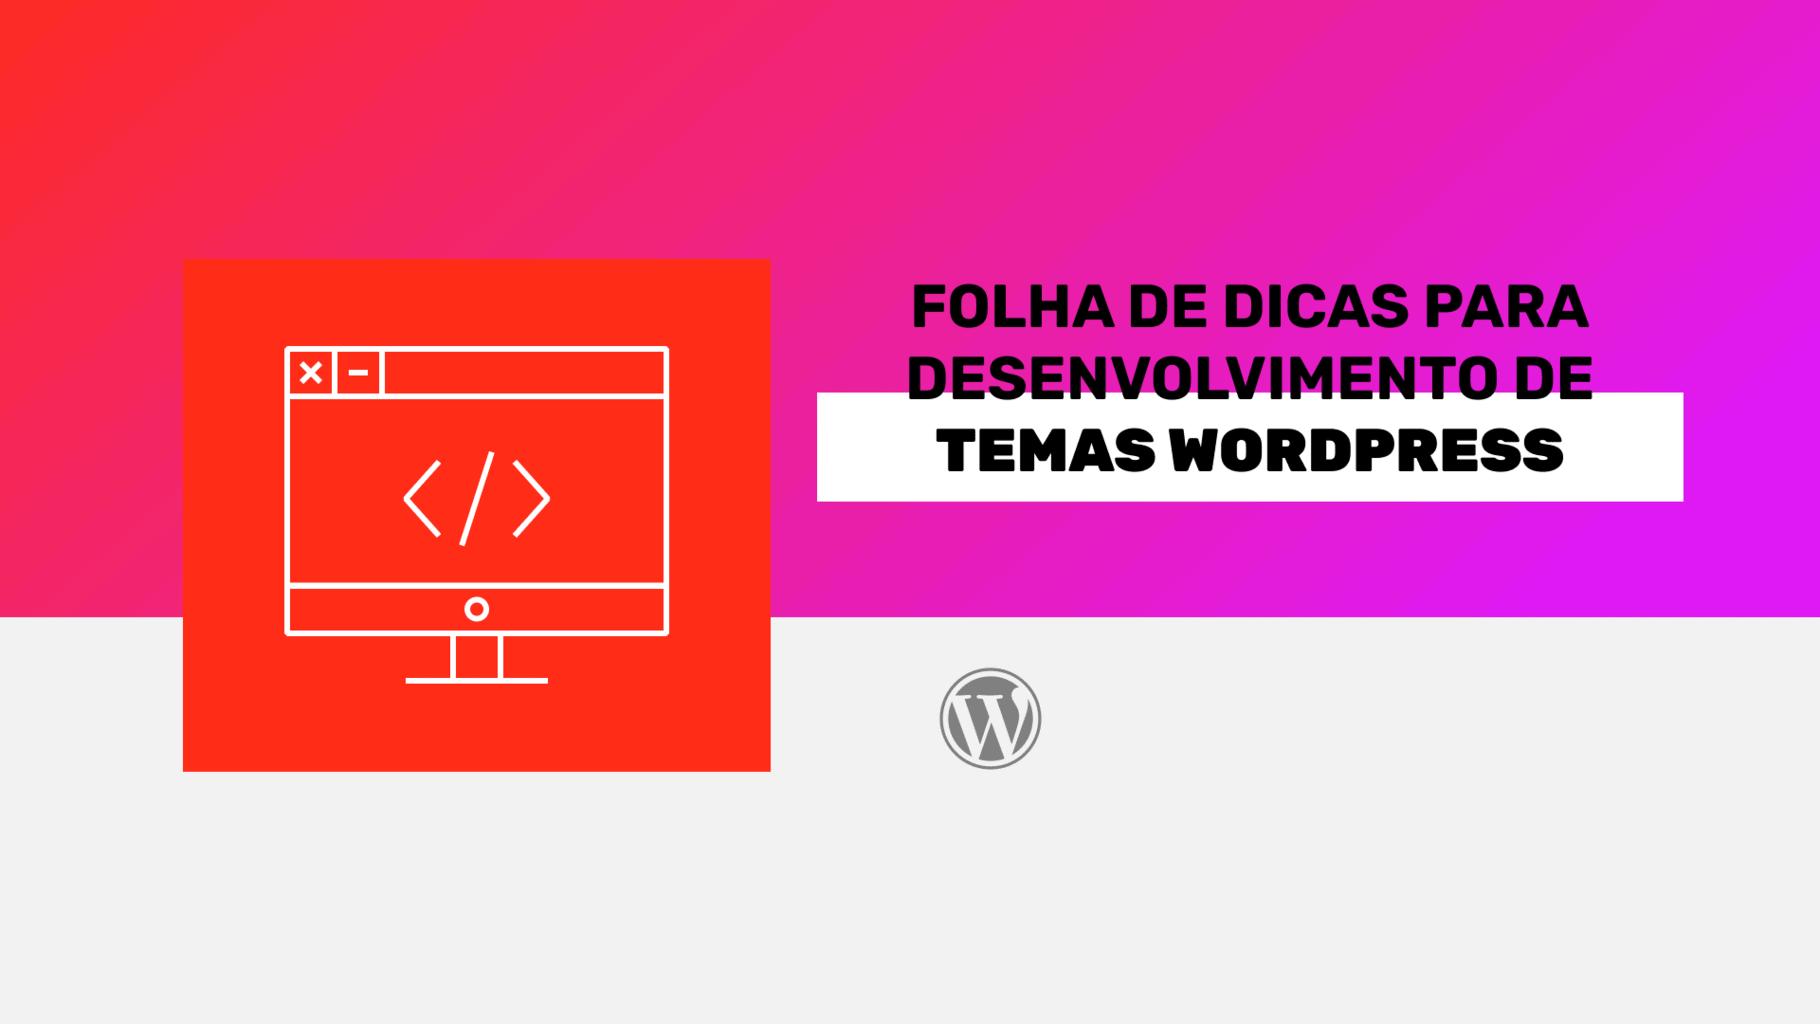 Folha de dicas para desenvolvimento de temas WordPress